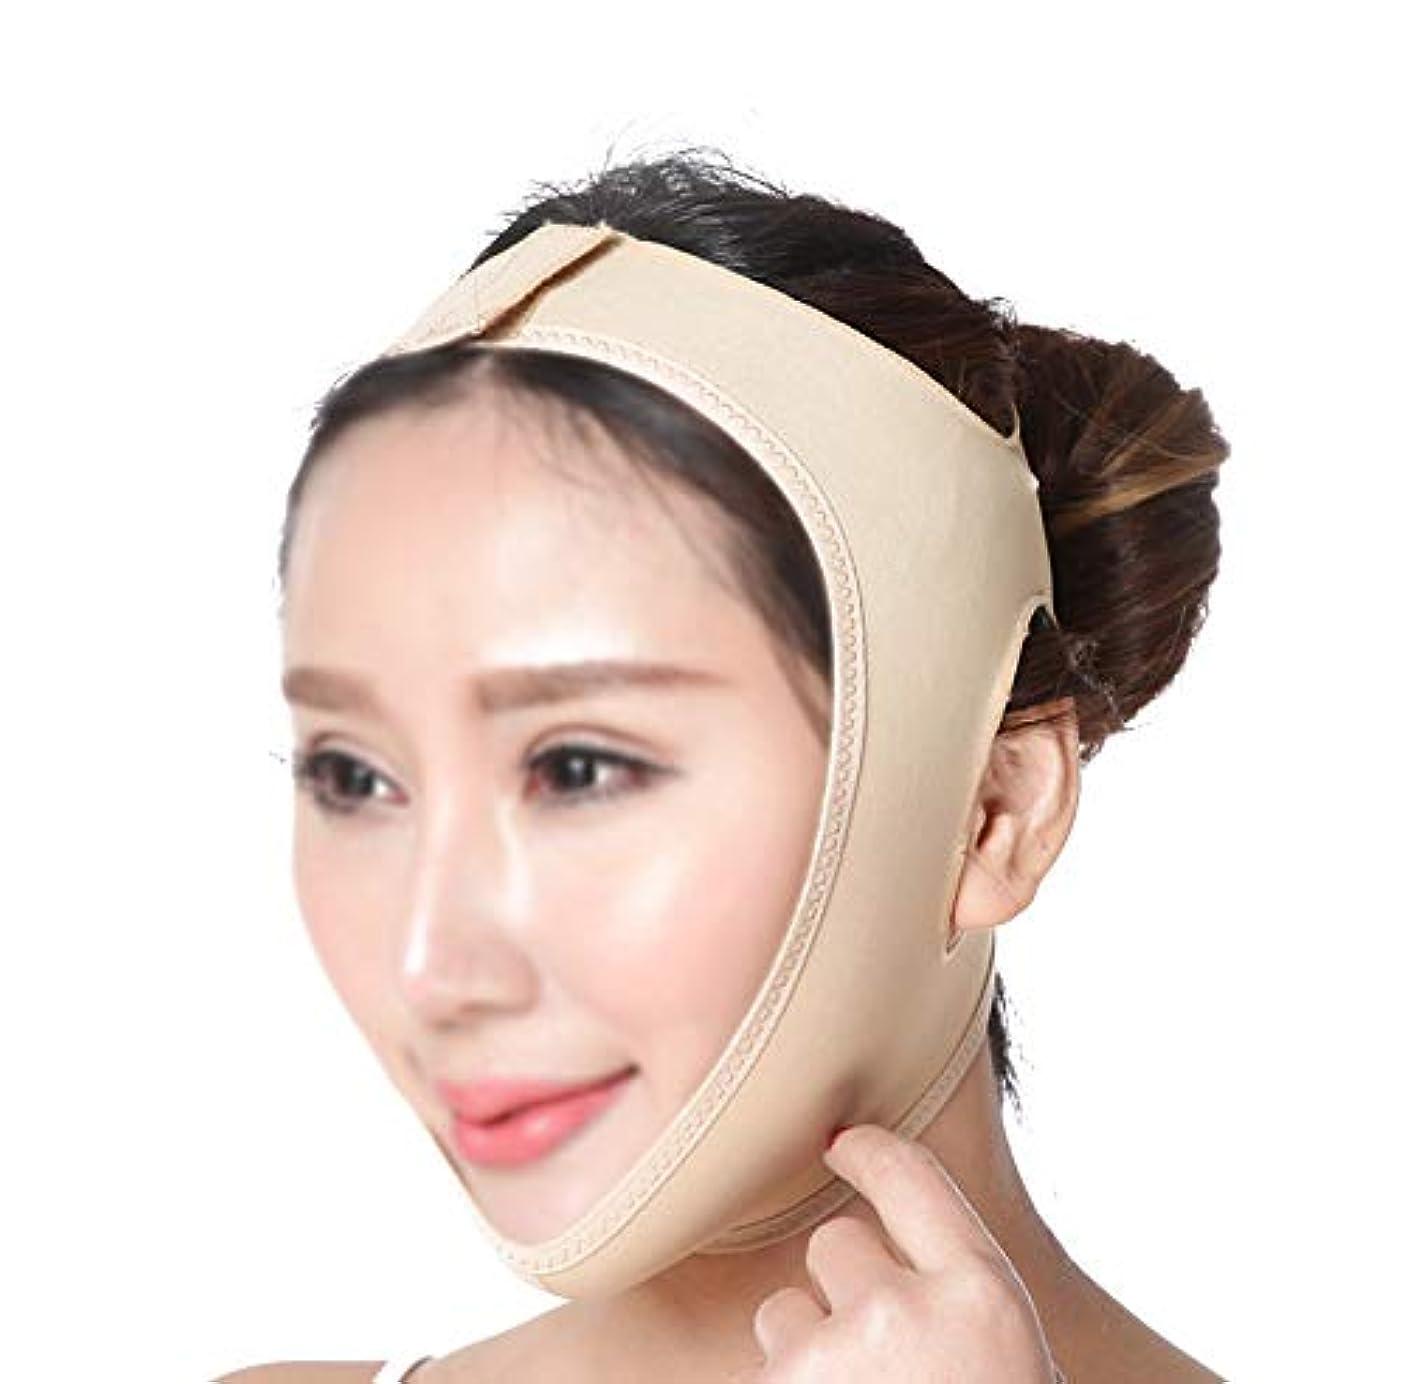 到着する格差オーロック美容顔包帯v顔楽器フェイスマスクアーティファクトフェイスリフト引き締め睡眠ネットワークフェイシャルマッサージ (Size : S)